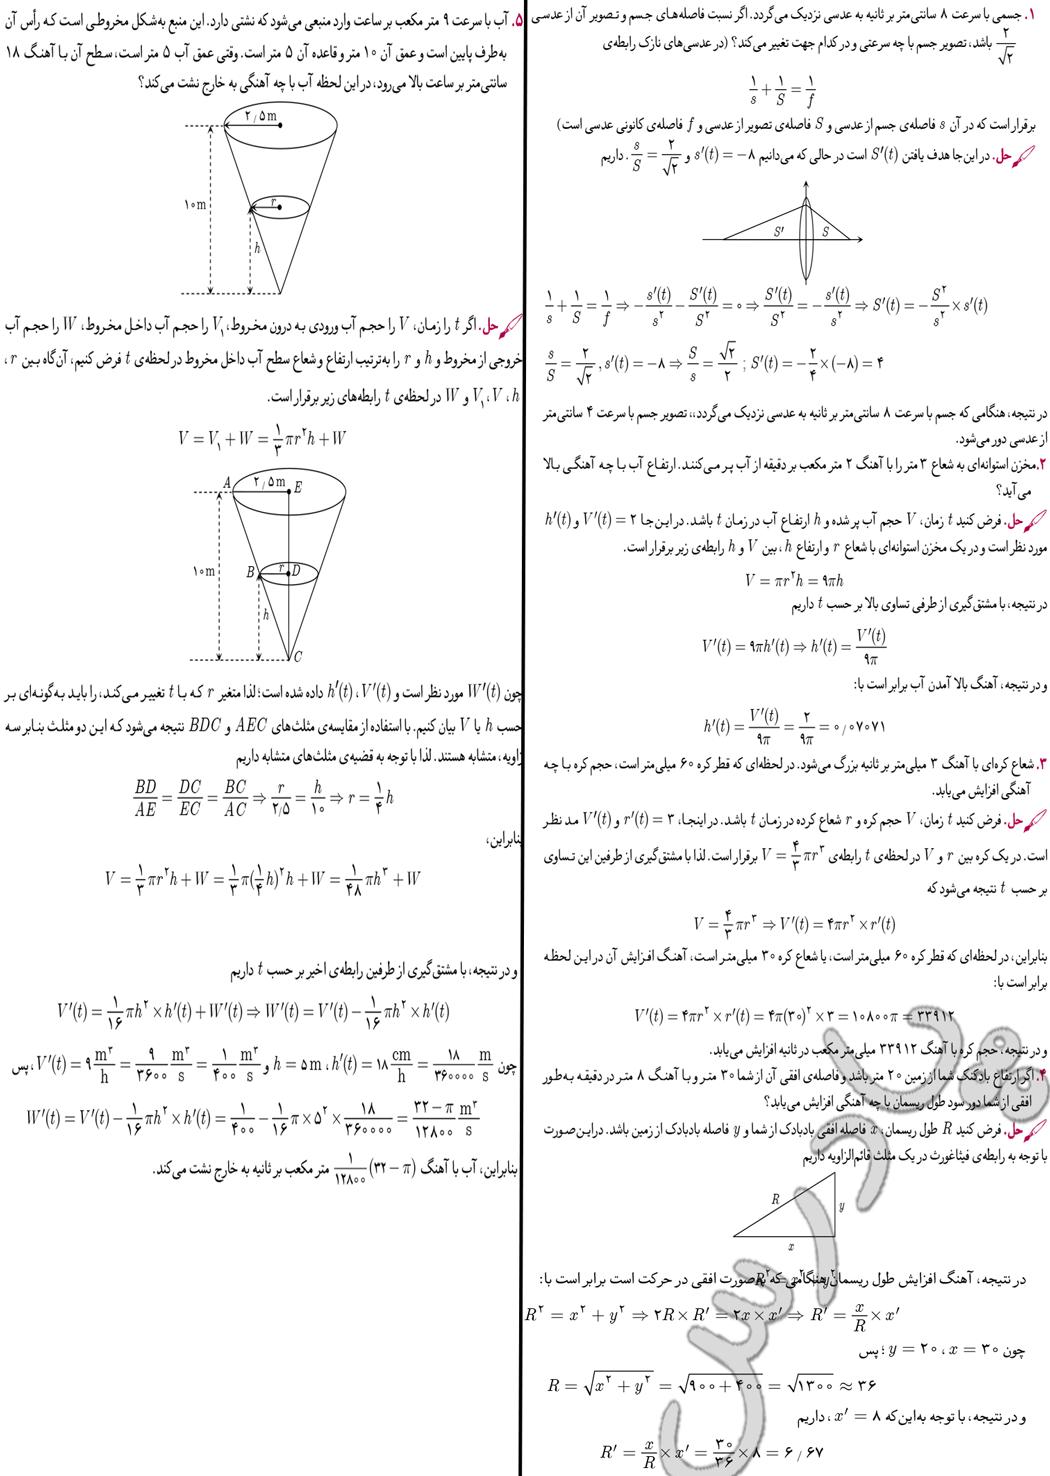 حل مسائل صفحه 196 دیفرانسیل پیش دانشگاهی